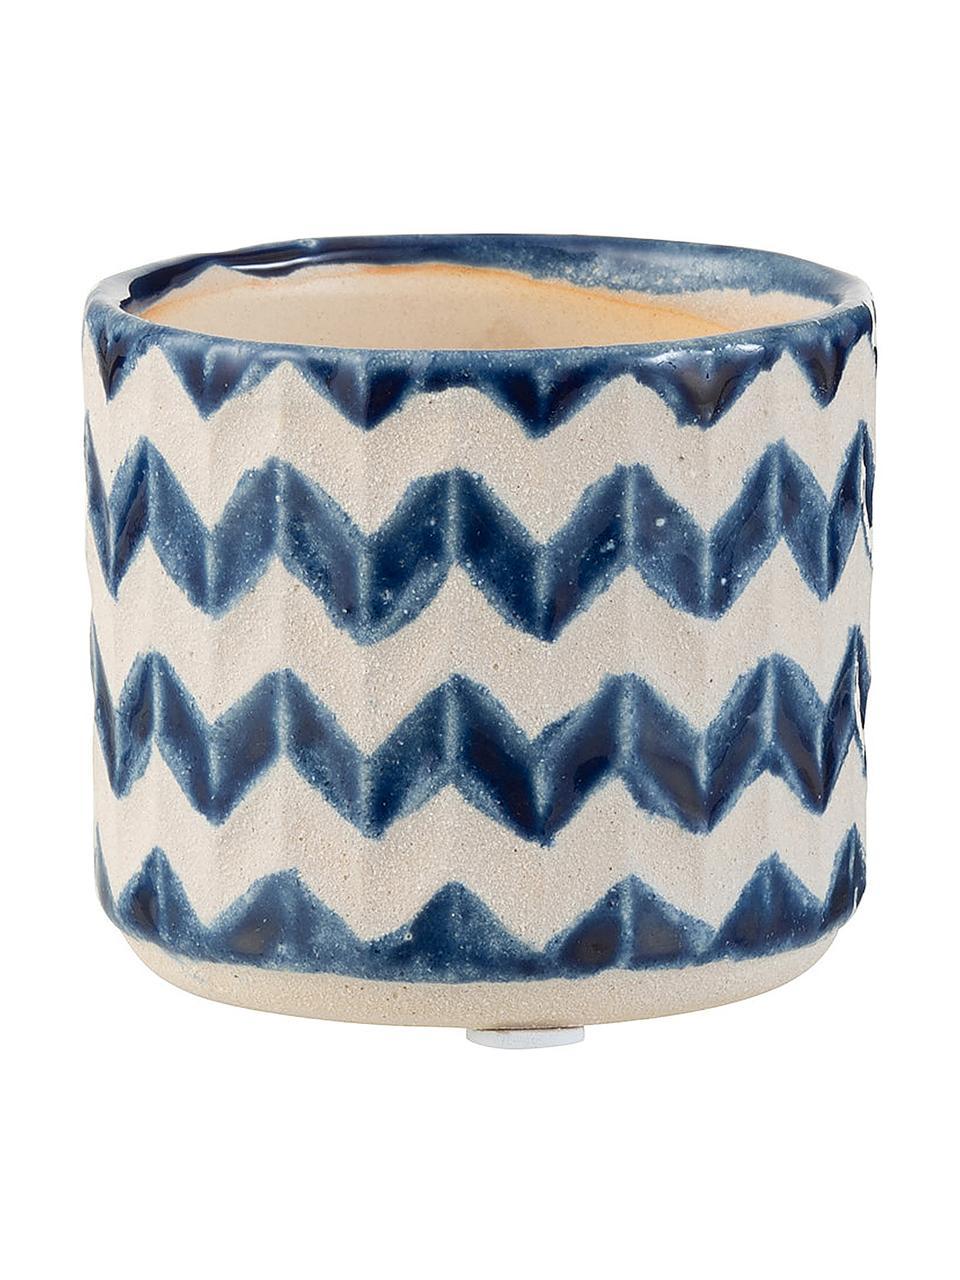 Doniczka Zigzag, Ceramika, Niebieski, jasny beżowy, Ø 13 x W 11 cm